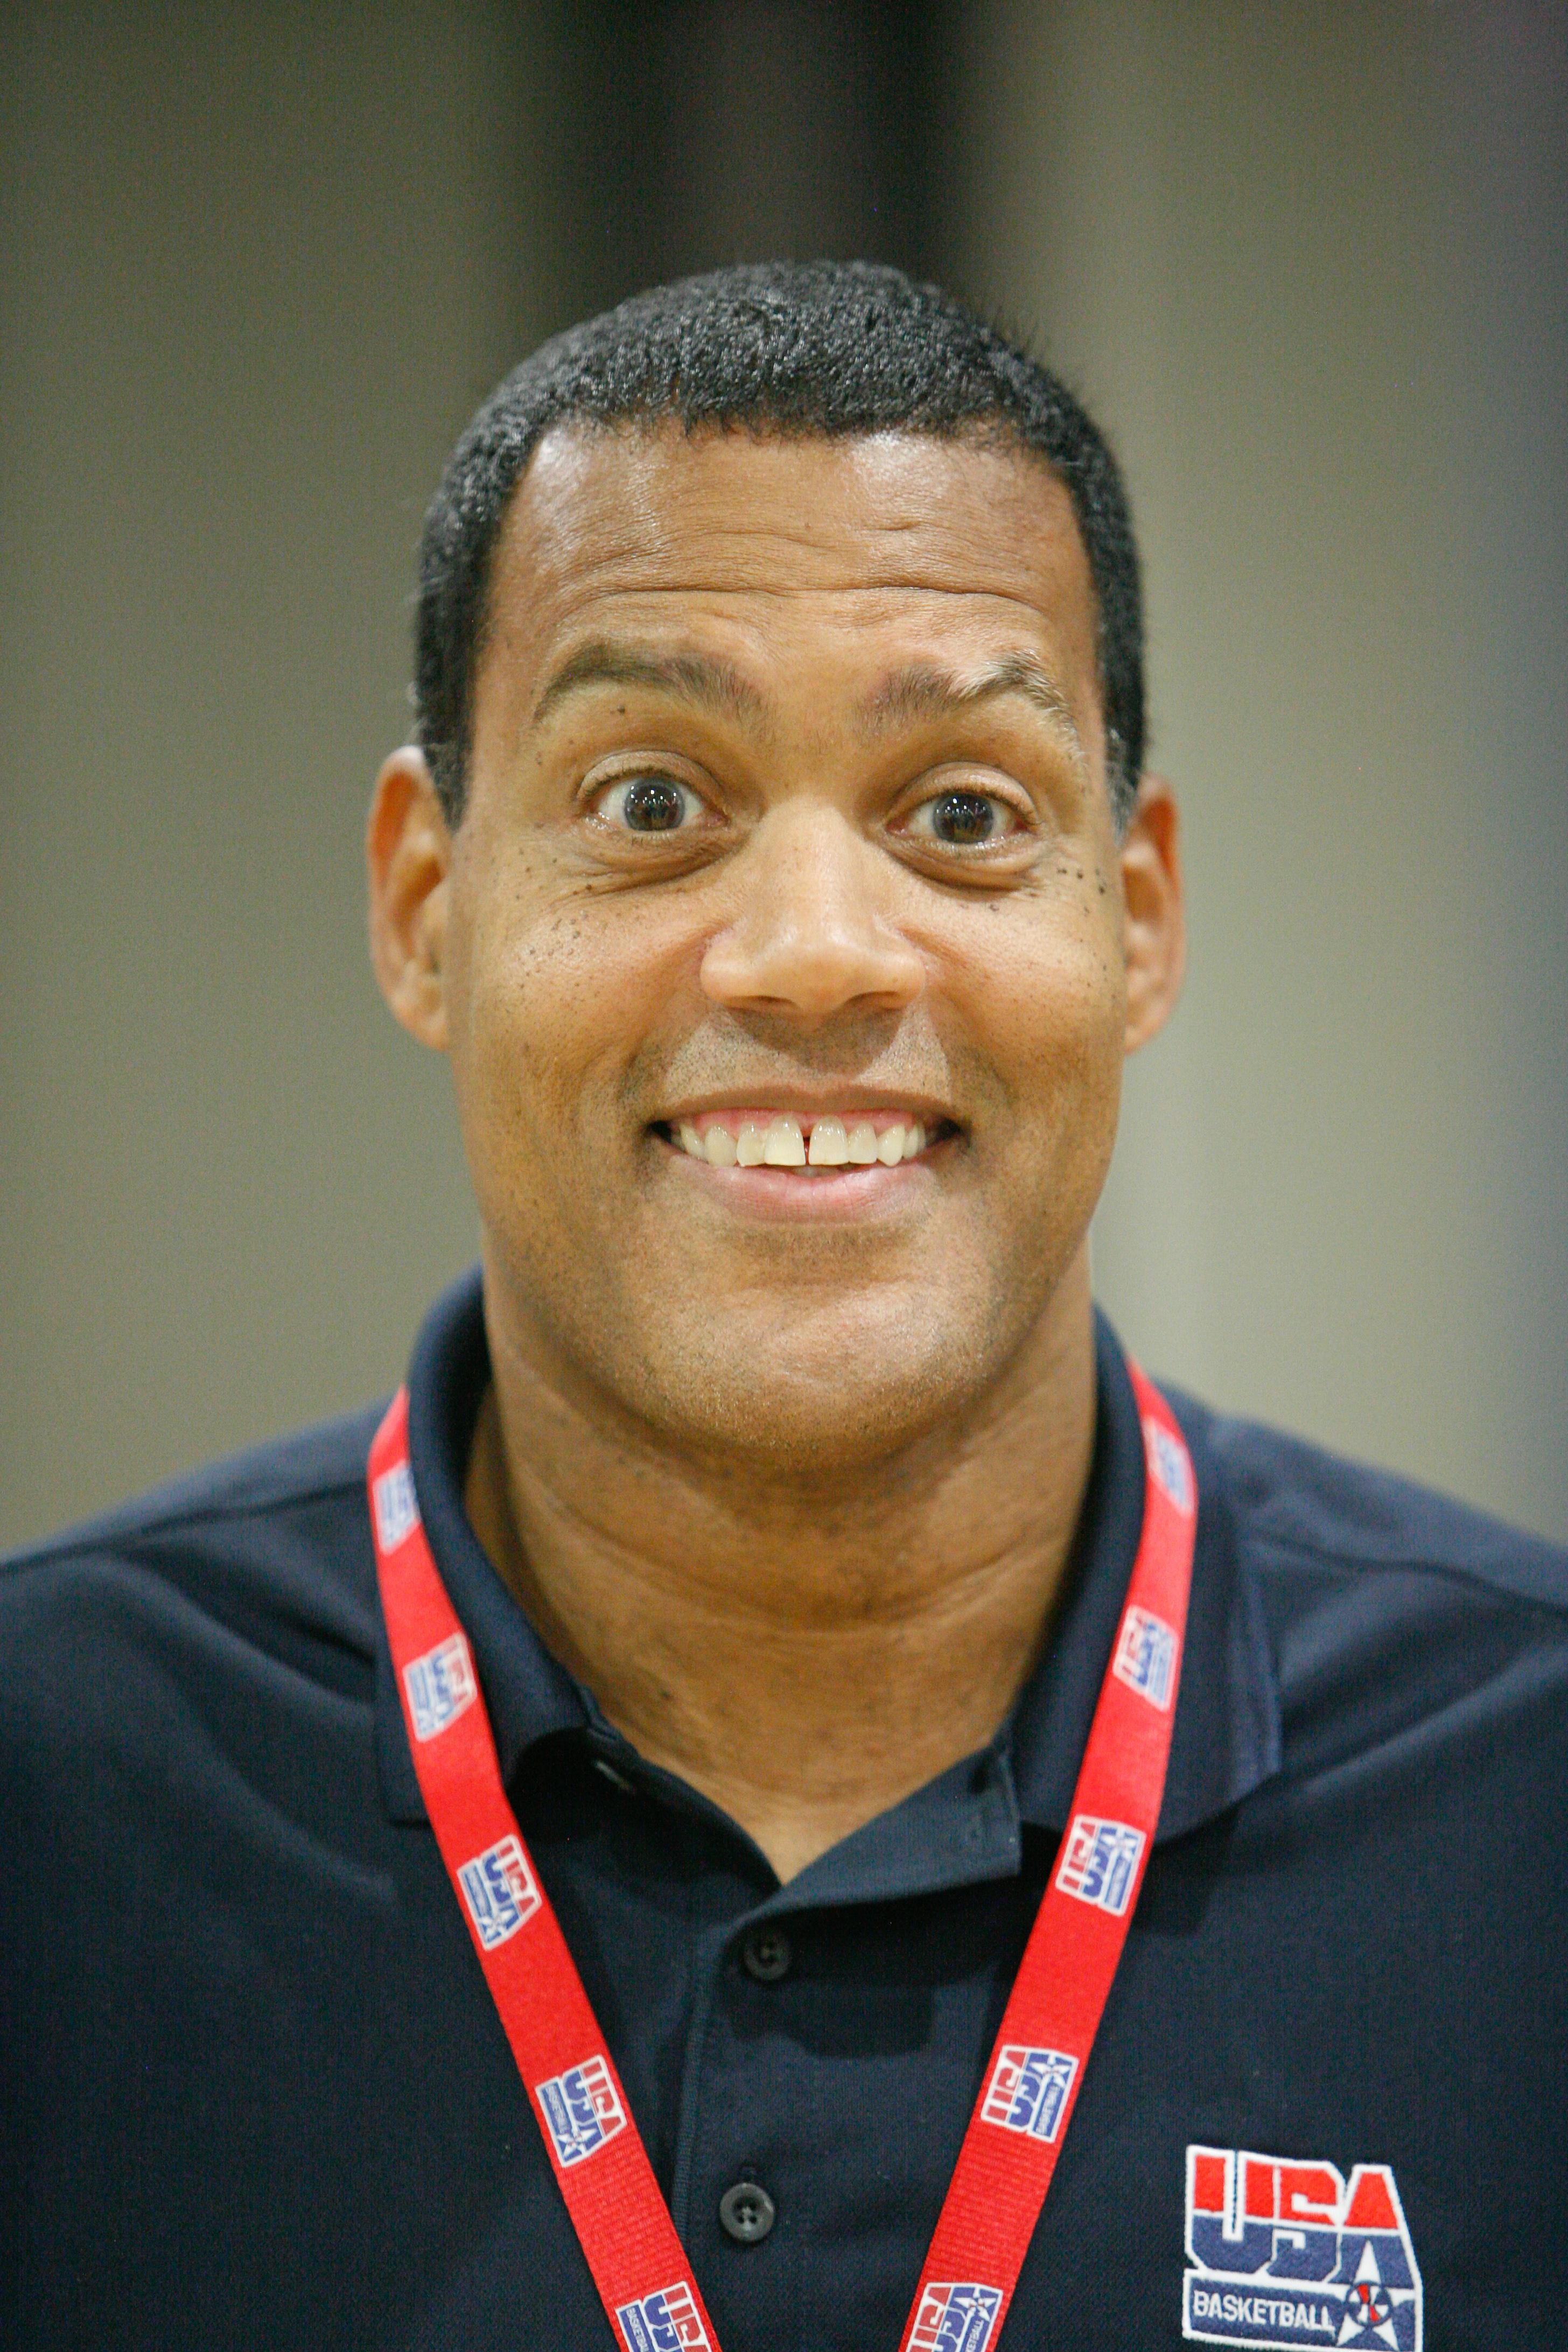 Stu Jackson, 2008